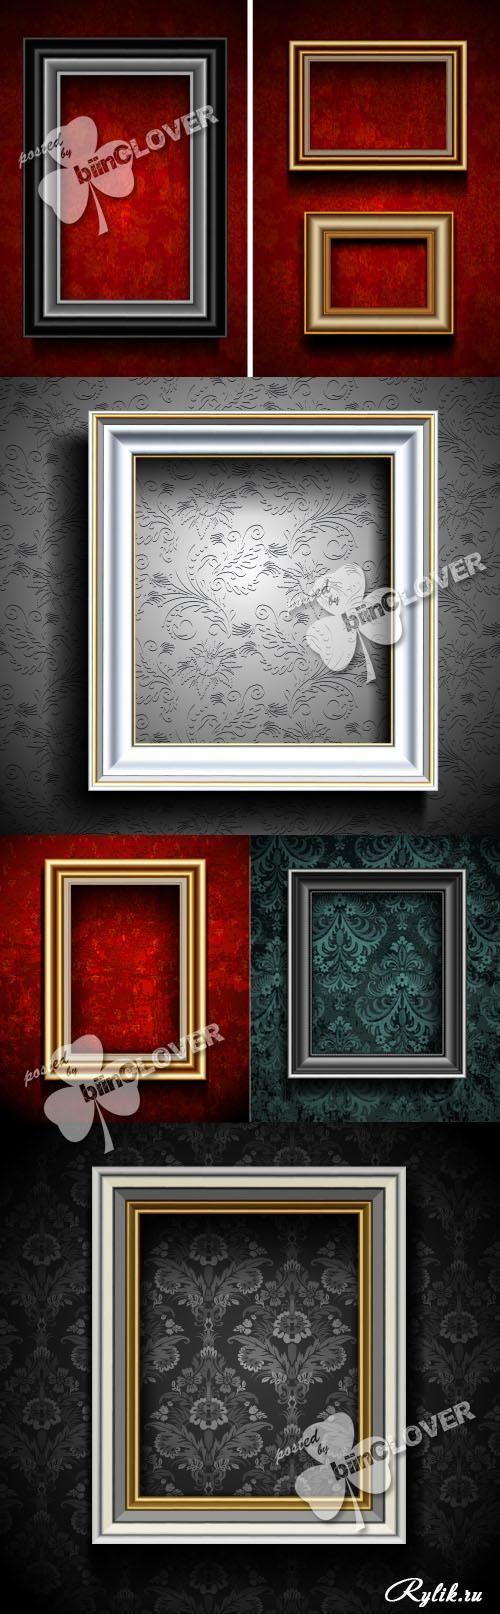 Рамка для фотографии или картины на стене - вектор. Photo frames on wall